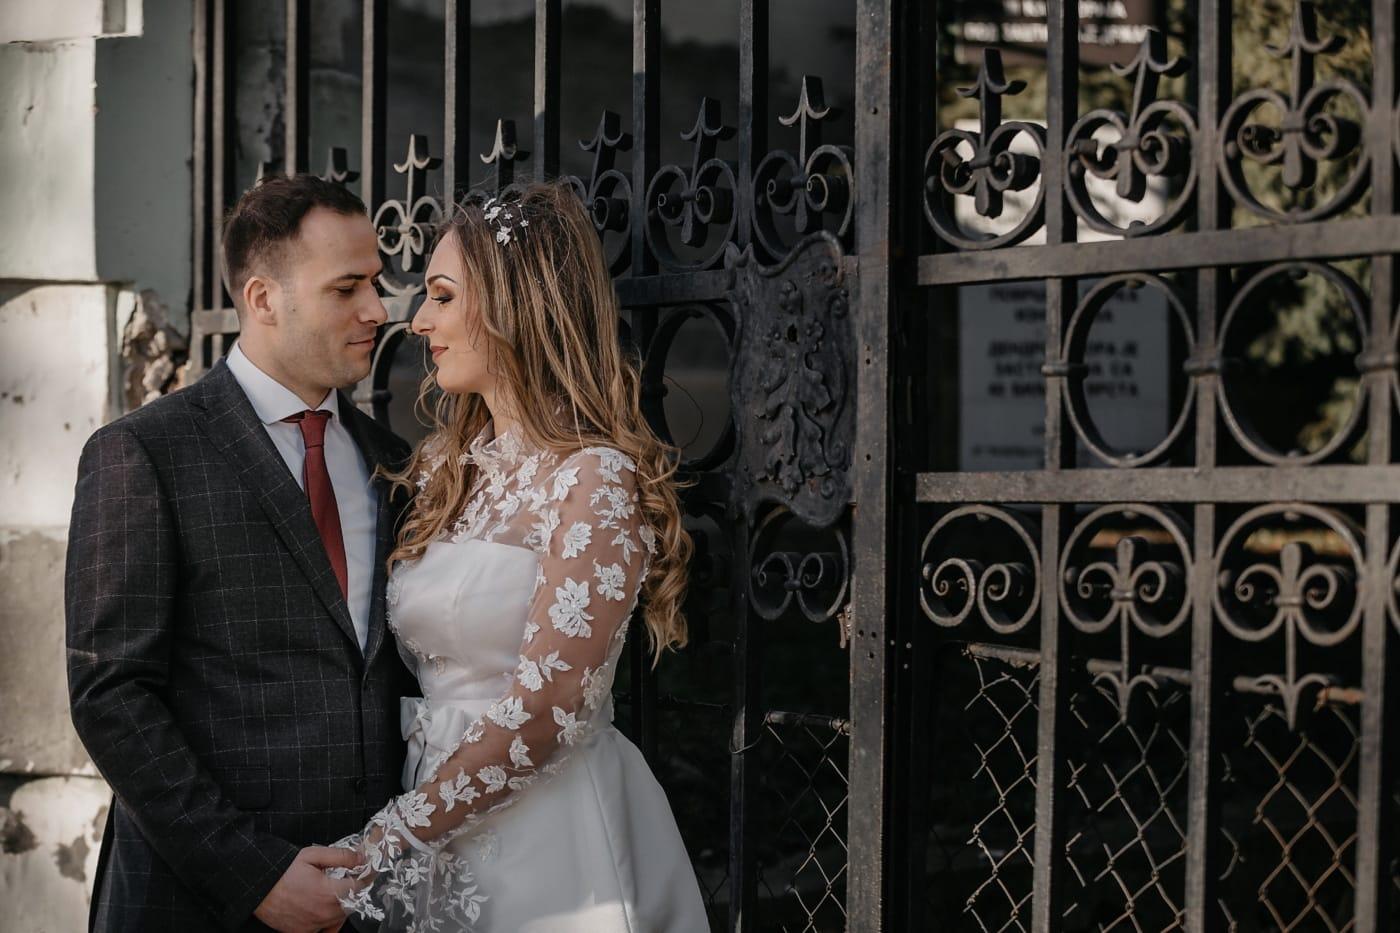 Porte, fer de fonte, jeune marié, la mariée, affection, mariage, amour, homme, Portrait, mode